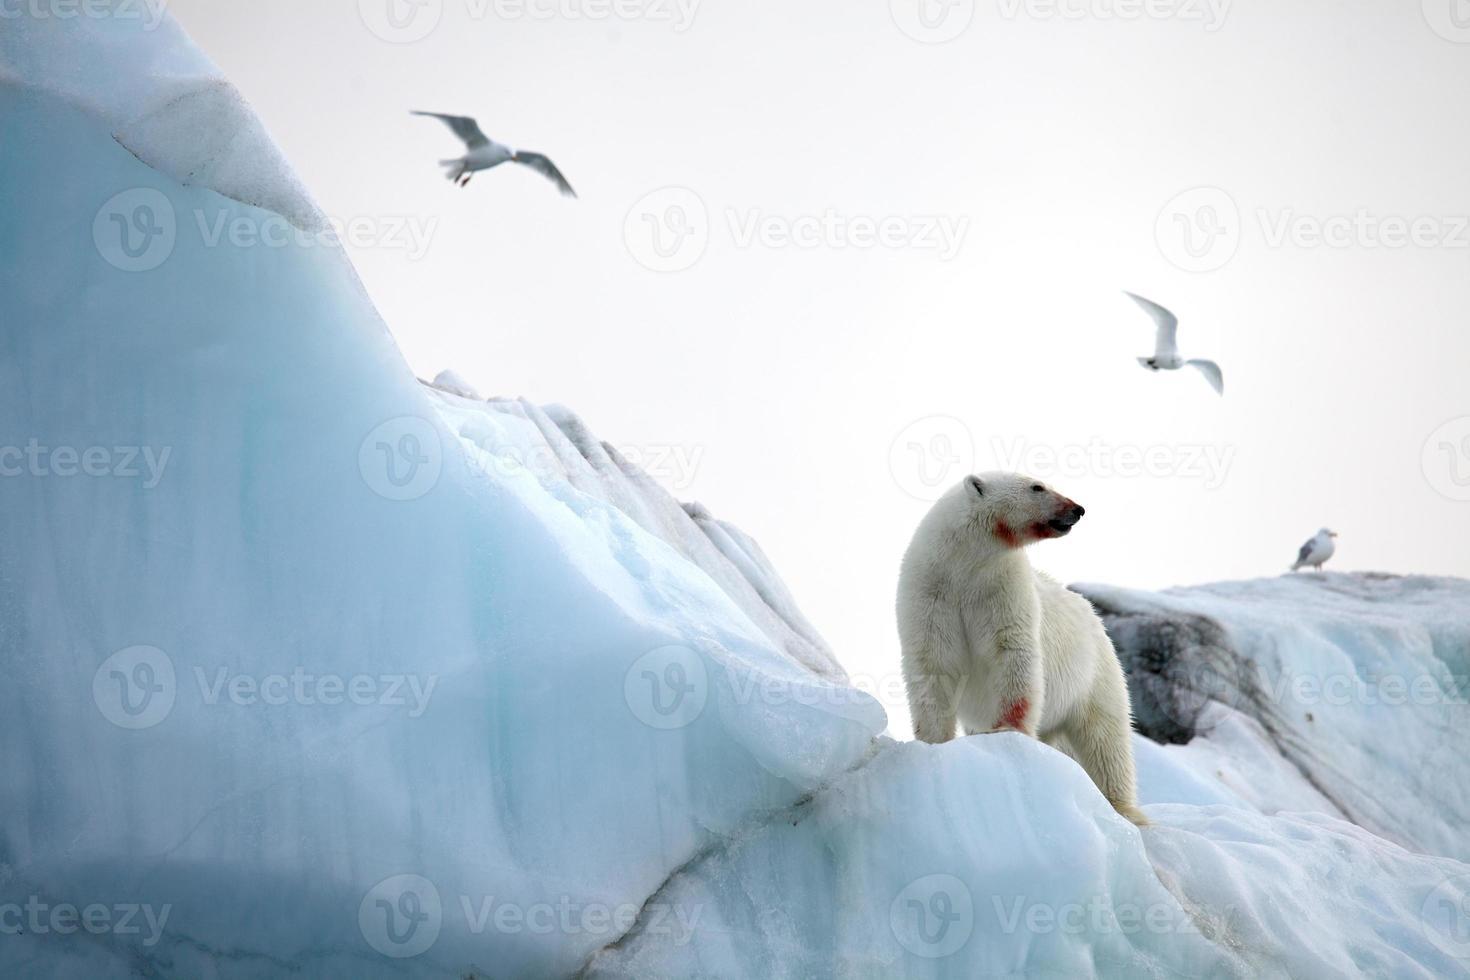 ijsbeer foto